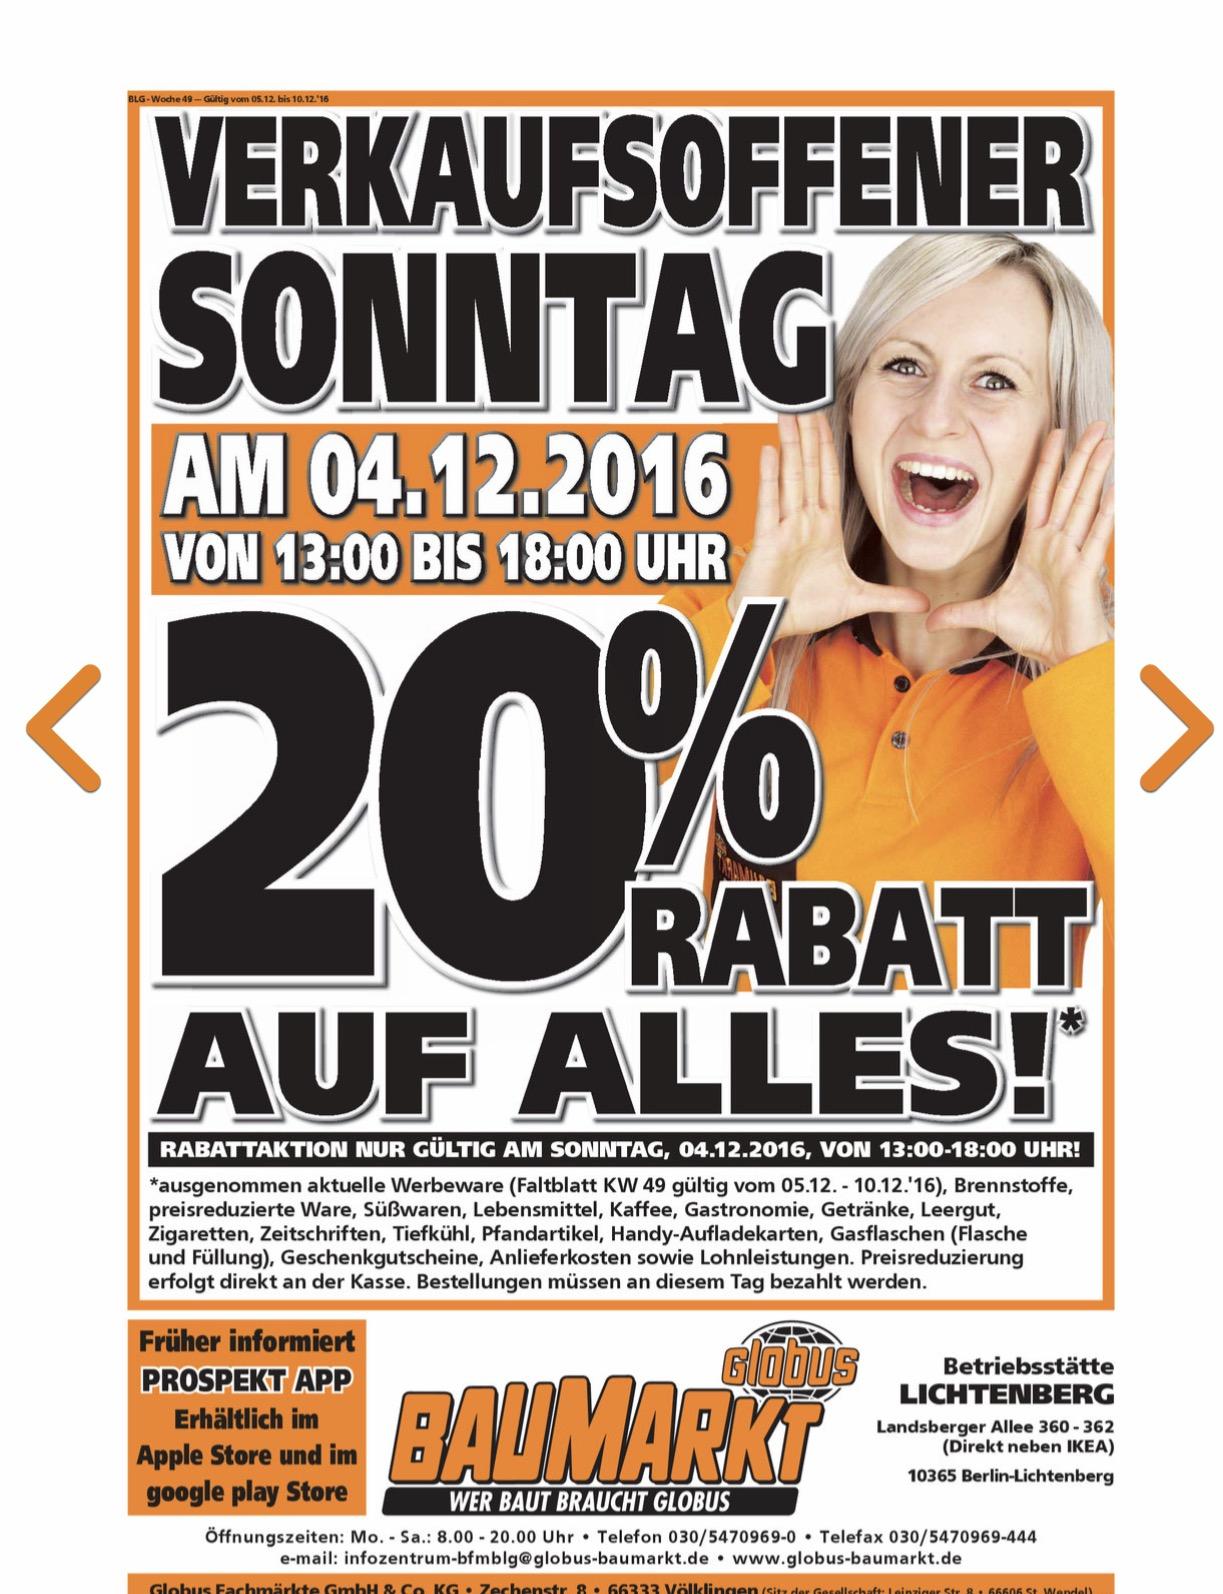 [Lokal Globus Baumarkt Berlin-Lichtenberg] Nur Heute 20% auf alles!